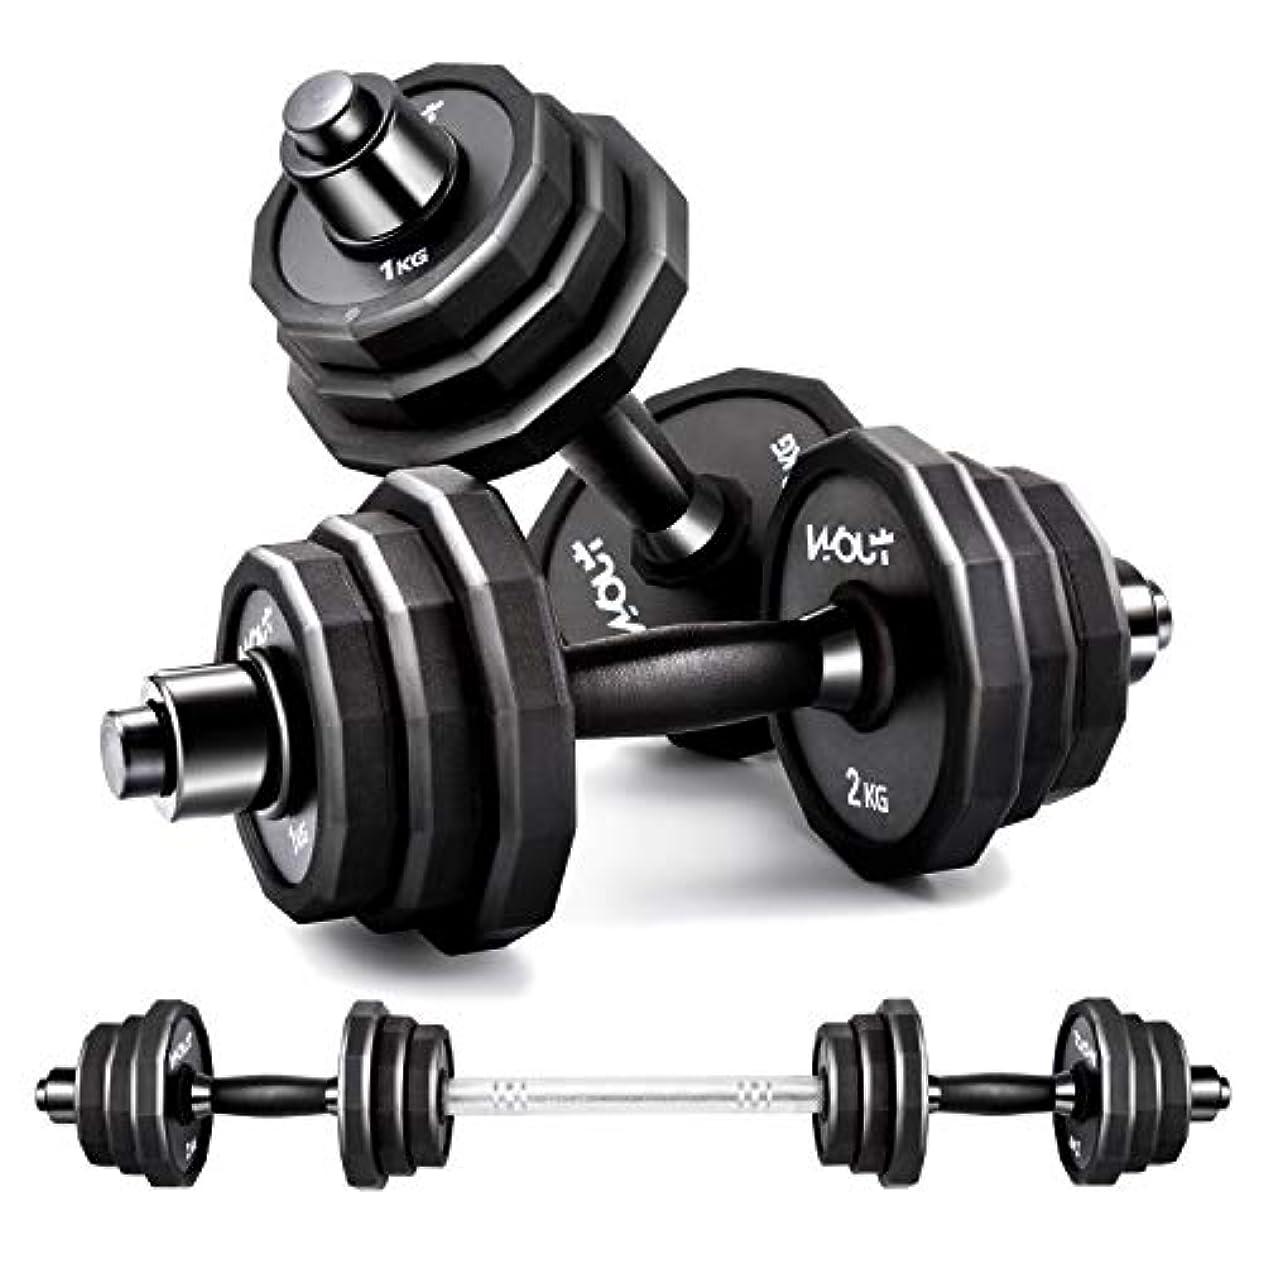 どこか菊列車ダンベル 【スチール製】 10kg 15kg 20kg 2個セット (Wout) バーベル 鉄アレイ 筋トレ ウェイトトレーニング